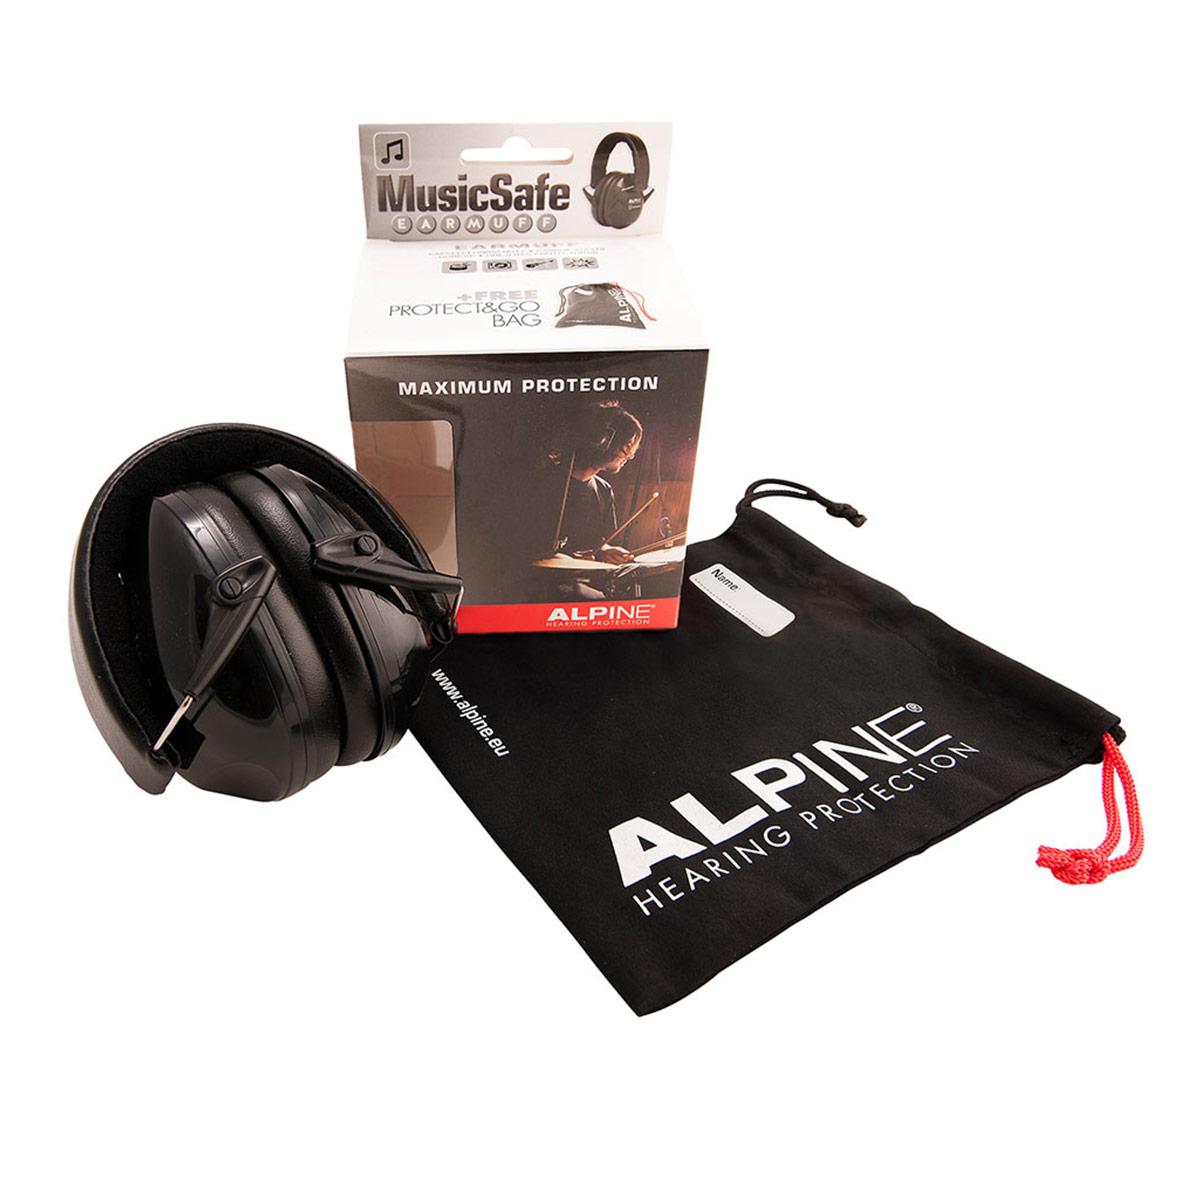 фото 1 - Наушники для взрослых MusicSafe Earmuff